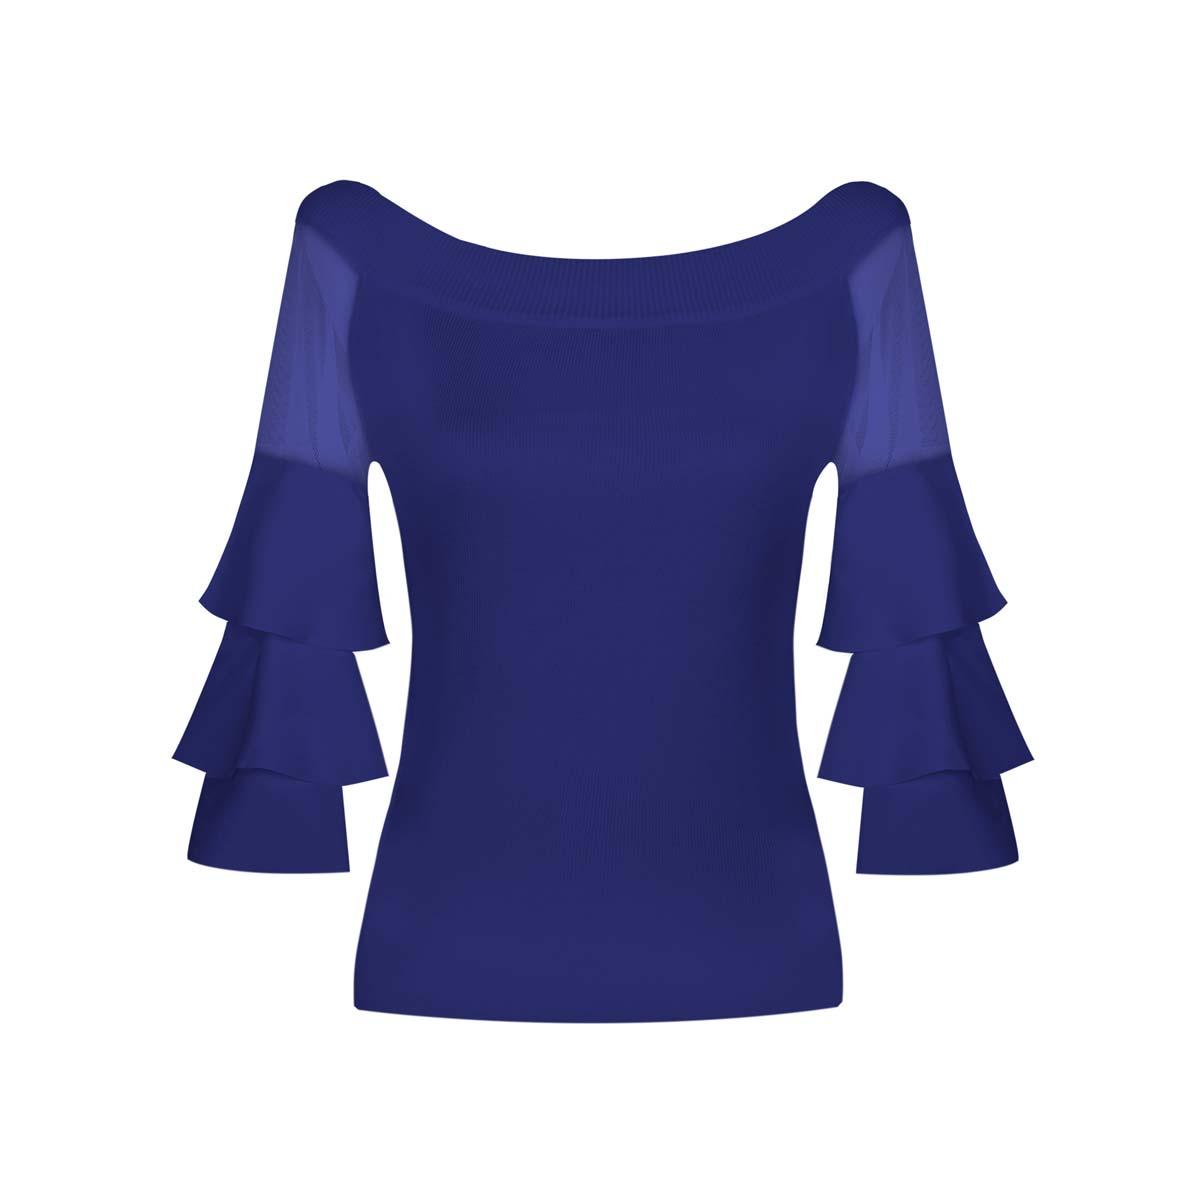 Teria Yabar - Jersey azul con volantes